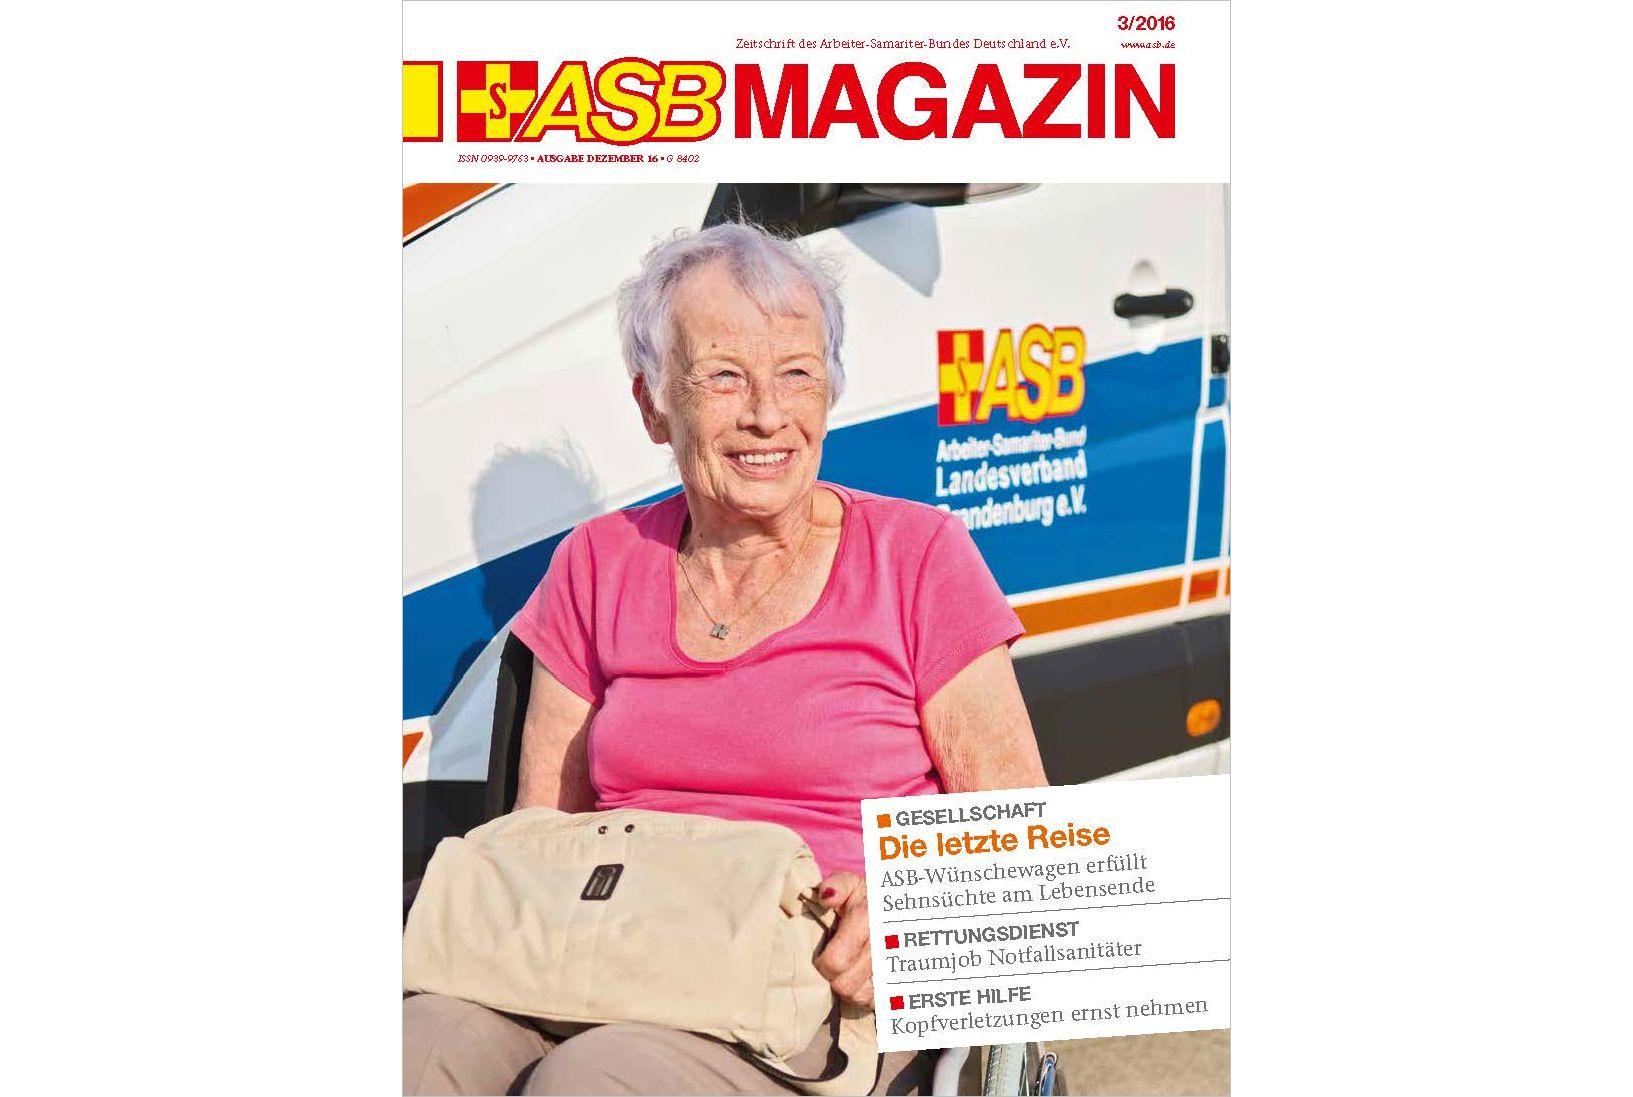 Das neue ASB Magazin ist erschienen